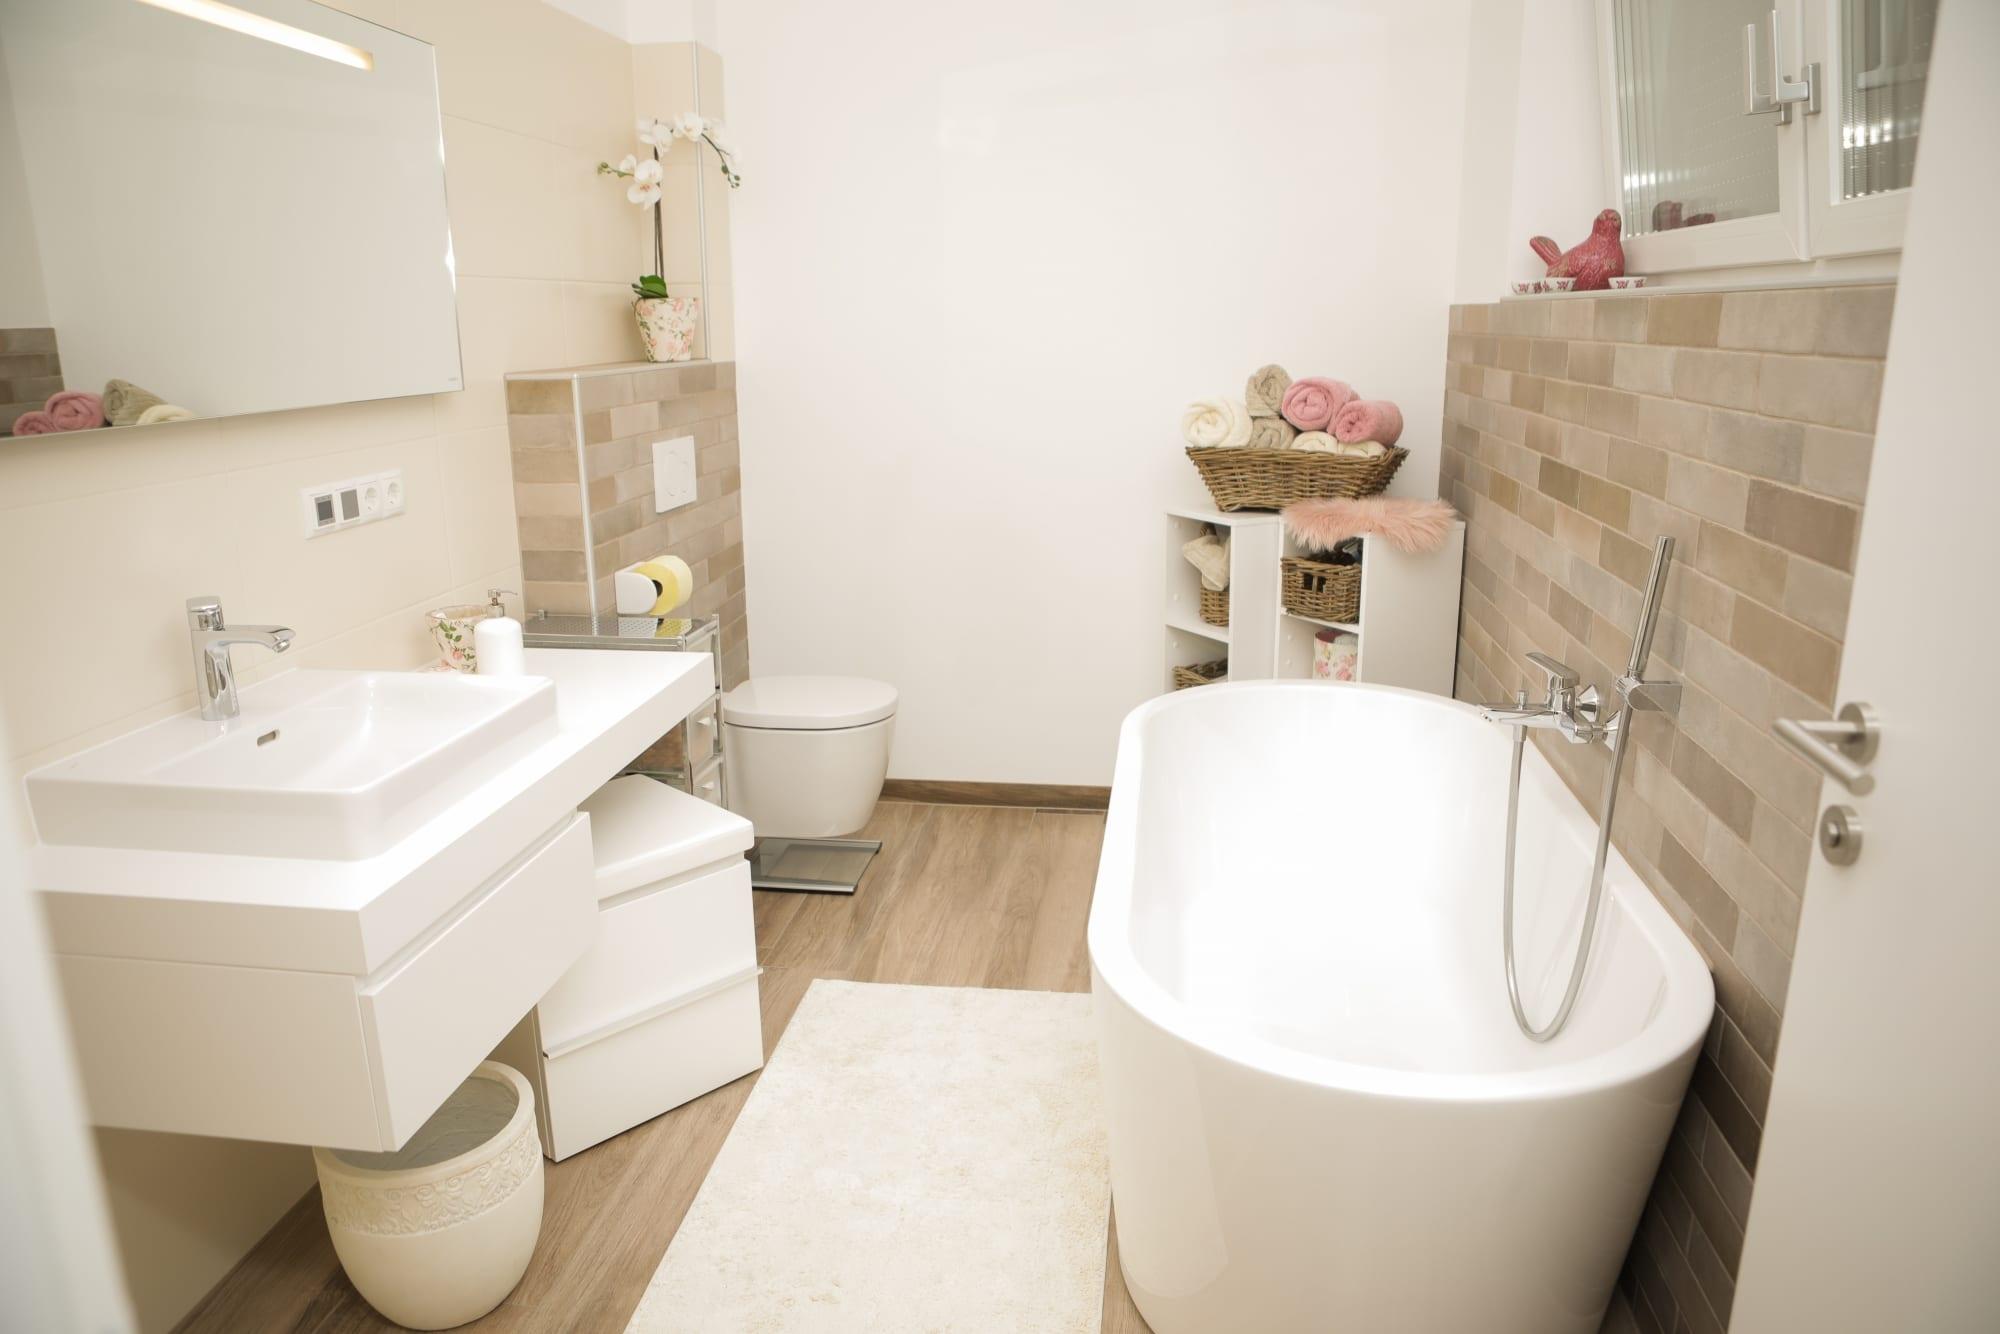 Badezimmer in weiß mit großer Badewanne vom Badexperten Strommer aus der Lipizzanerheimat